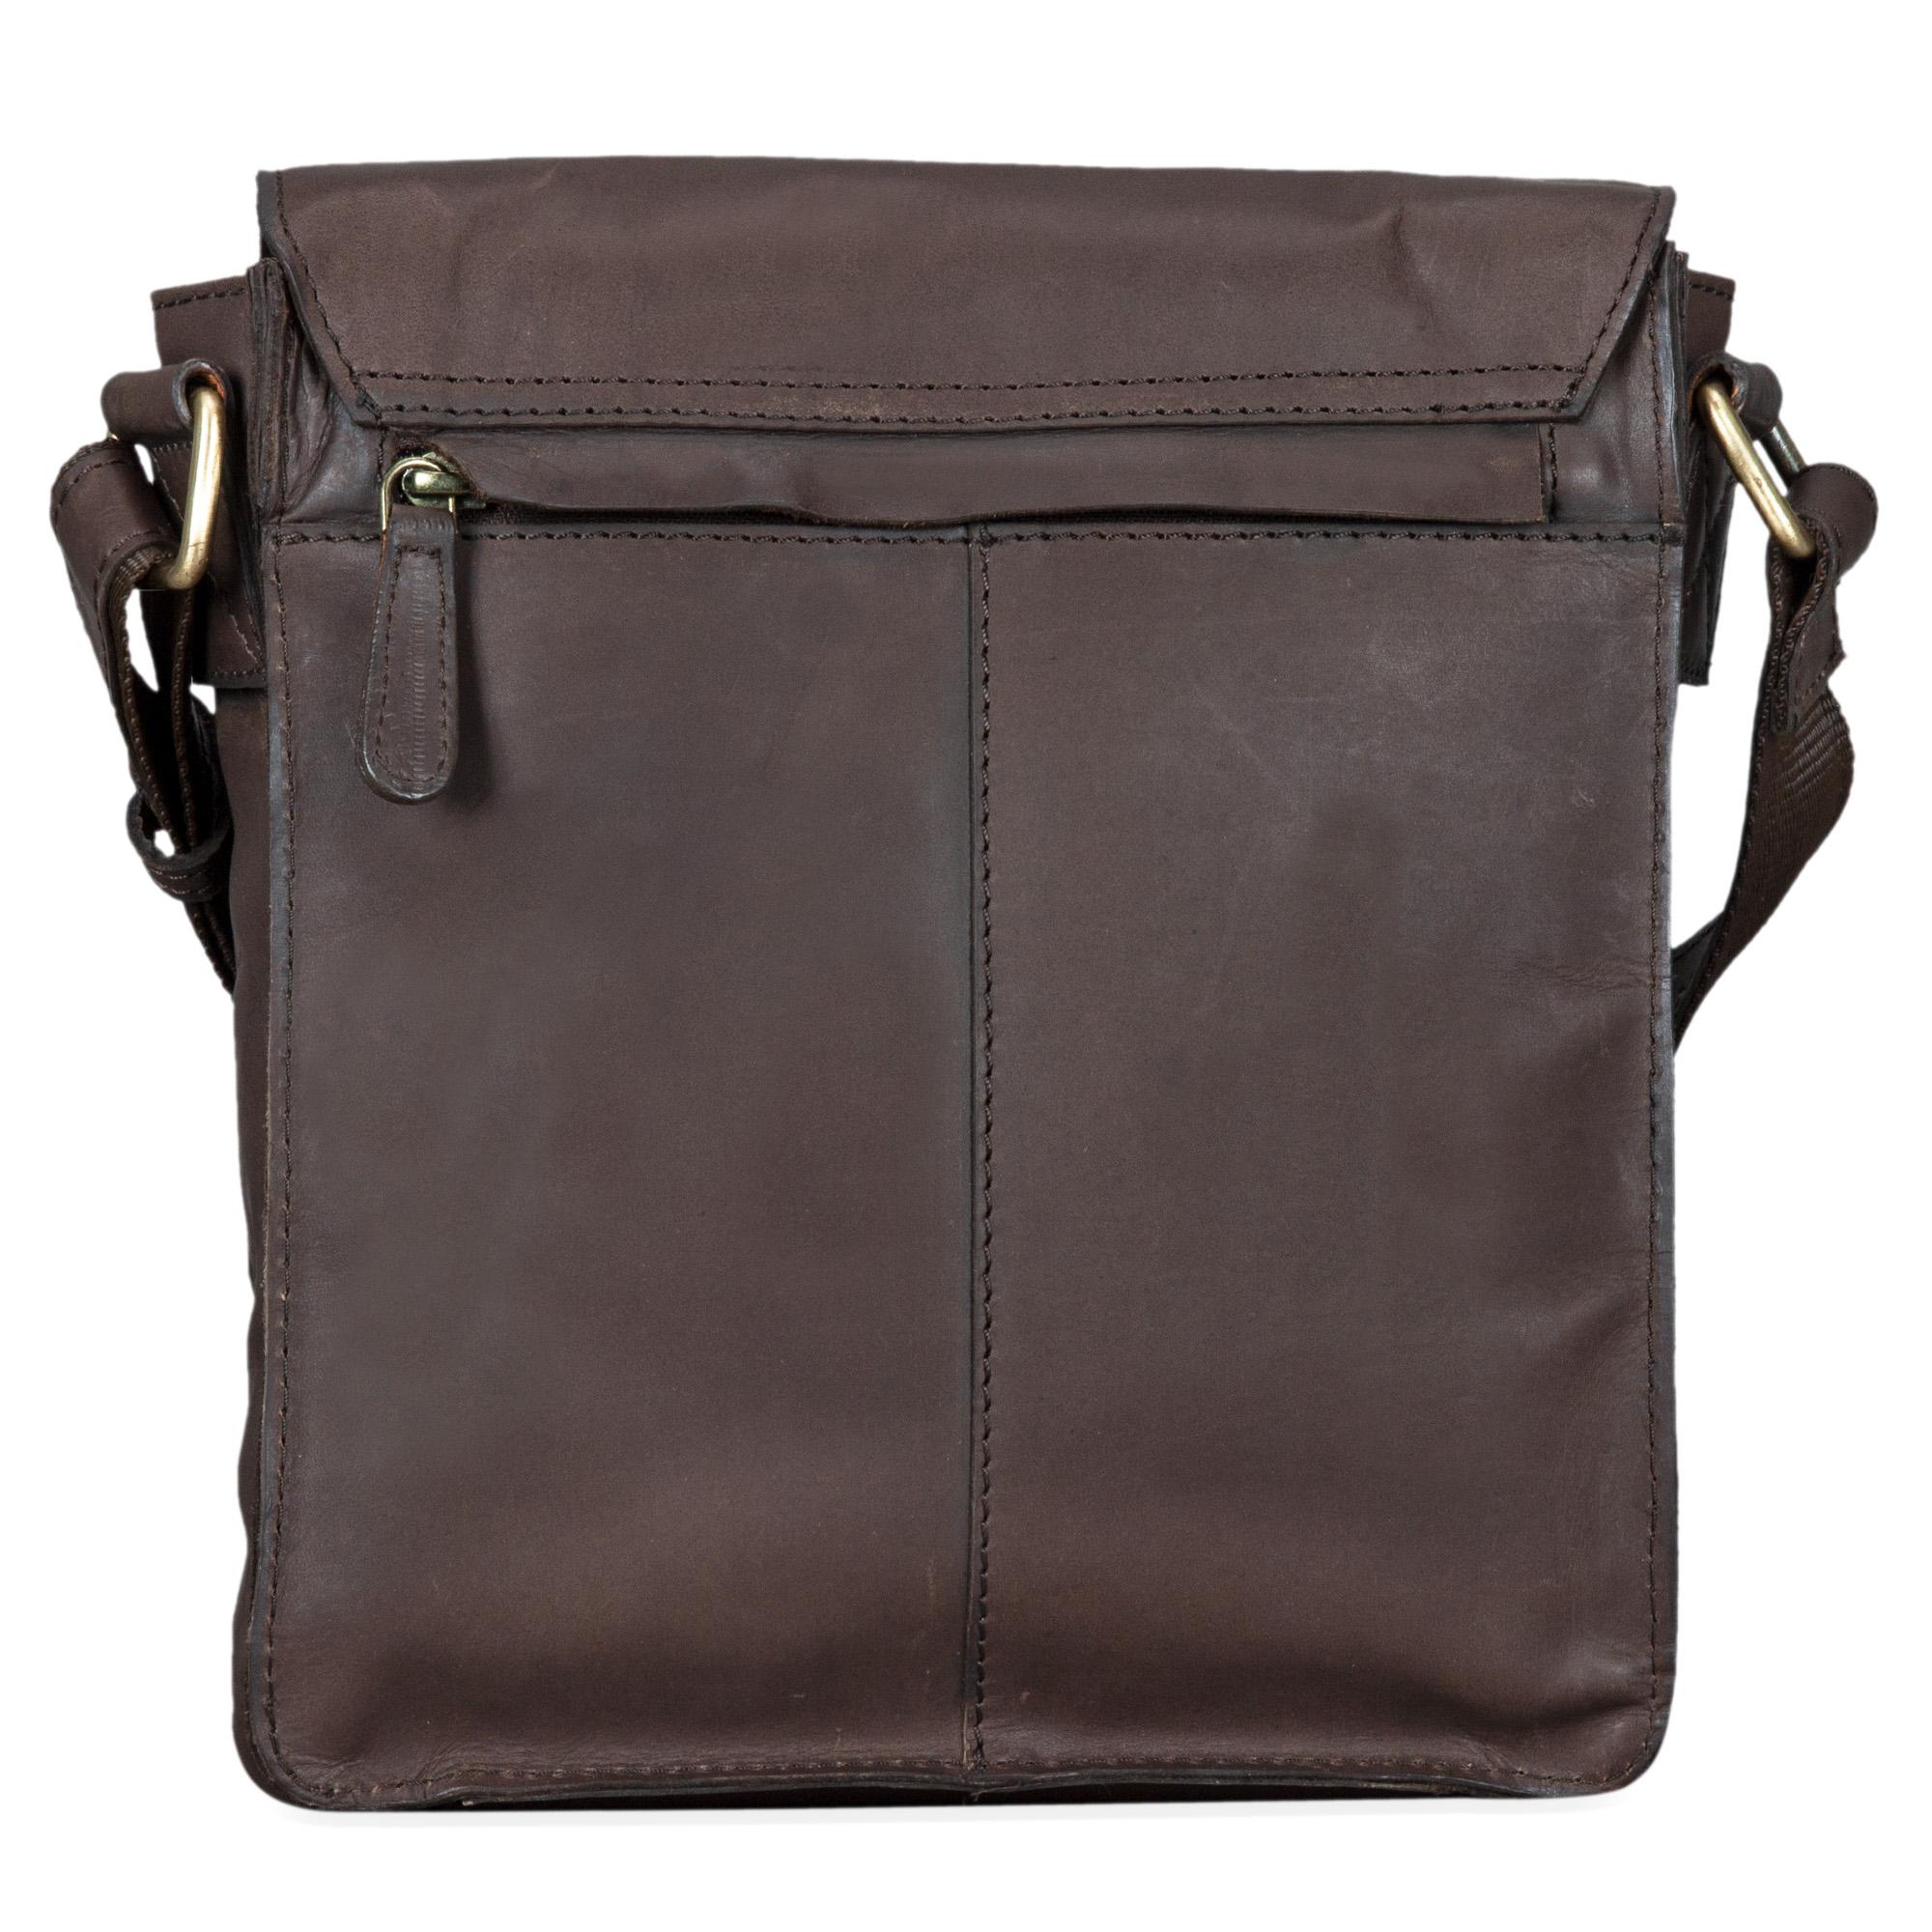 """STILORD """"Dario"""" Männer Umhängetasche Leder Vintage Messenger Bag für iPad 9,7 - 10,1 Zoll Tablettasche klein Schultertasche echtes Leder - Bild 7"""